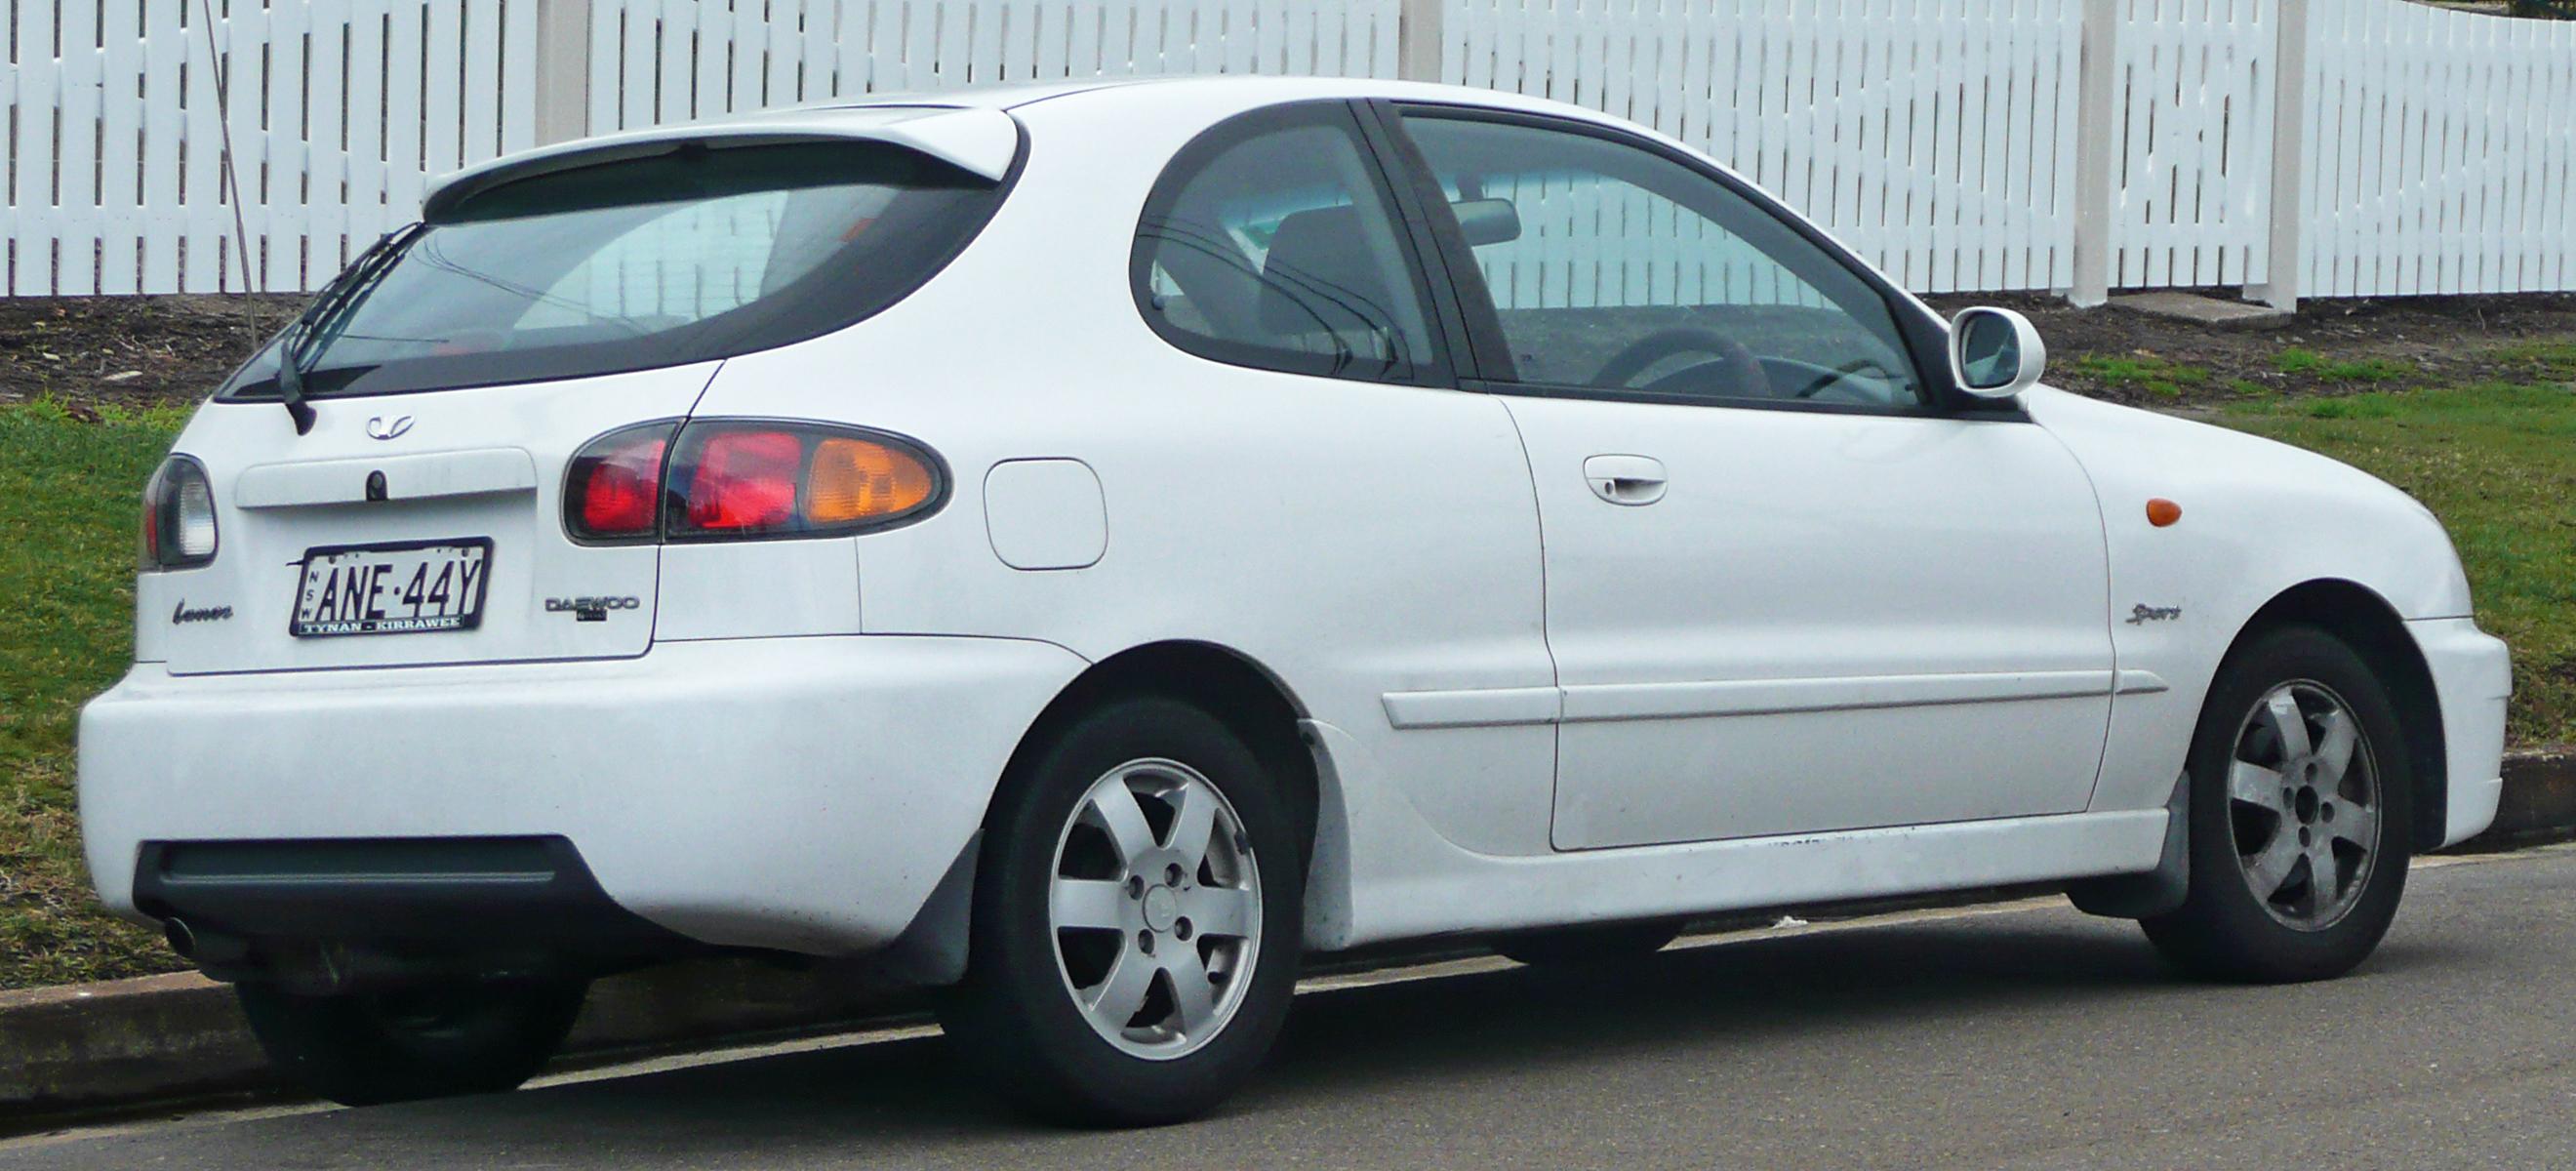 Lanos - самый популярный автомобиль среди американцев 1